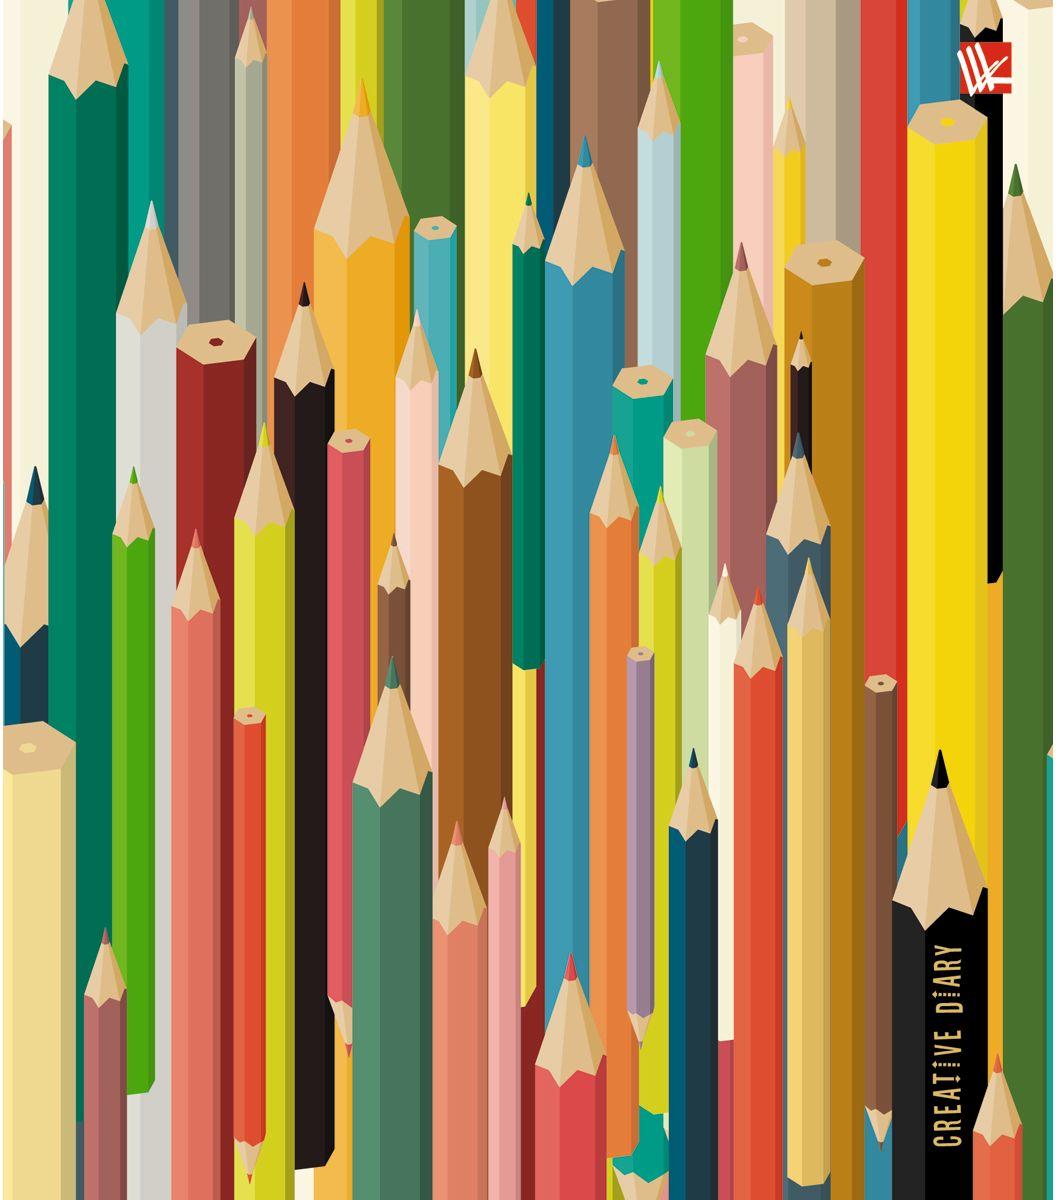 Канц-Эксмо Ежедневник Графика Цветные карандаши недатированный 128 листов ежедневники канц эксмо творческий ежедневник а5 146х167 с раскрасками графика абстрактный узор 128 листов